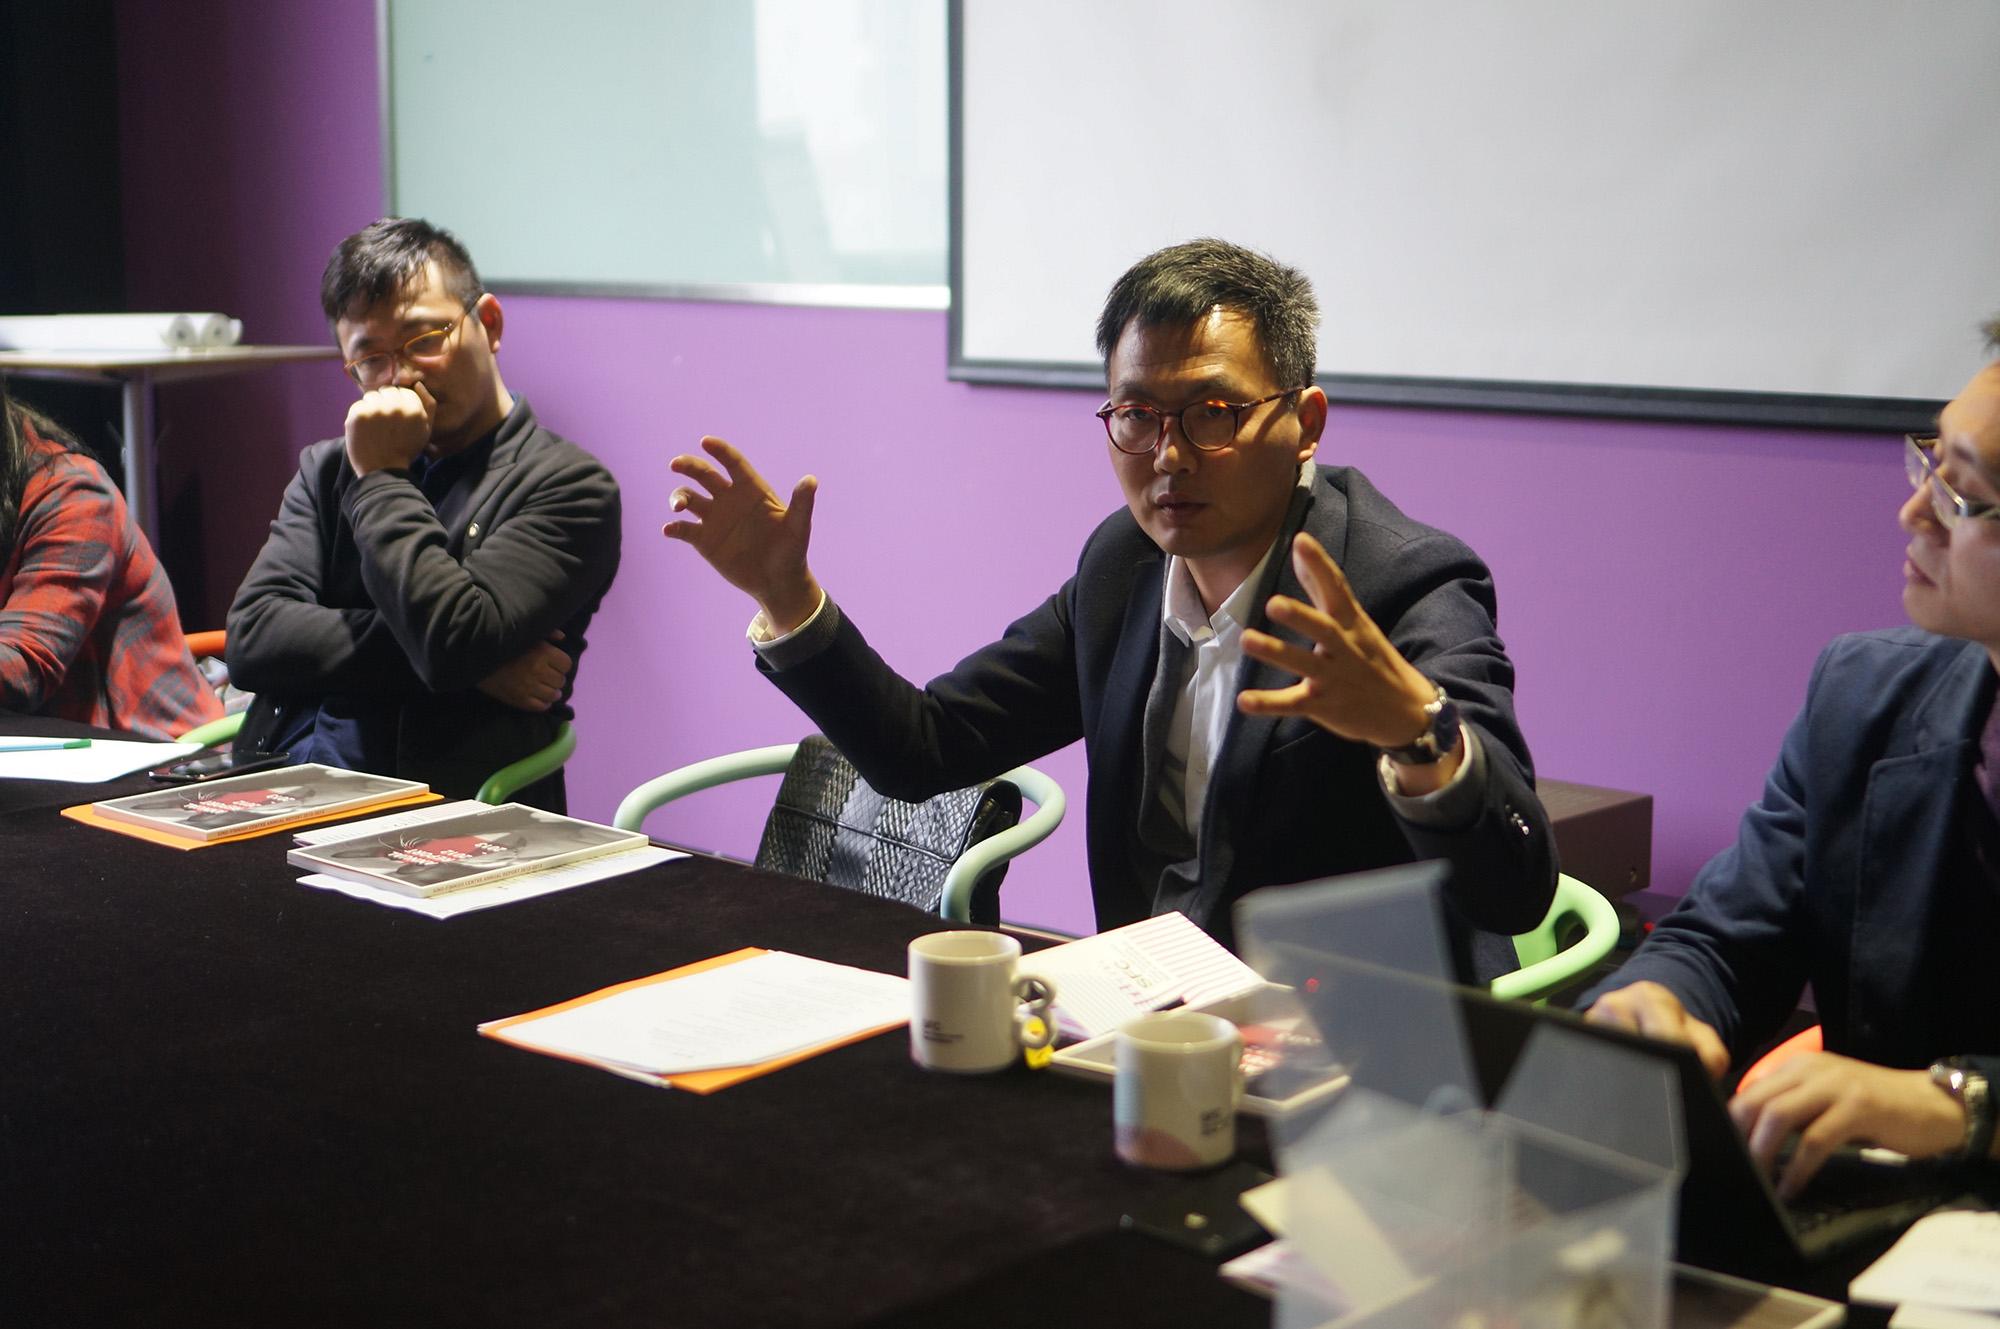 2014年4月12日,同济大学设计创意学院组织的产业转型和创新协同圆桌会议在同济大学中芬中心成功举行。来自政、产、学、研、媒各界的领导和专家针对中国产业转型与跨界的创新协同展开了卓越成效的讨论。 同济大学设计创意学院院长娄永琪首先进行了欢迎和开场,提出中国的产业往哪里走的命题。联想集团创意设计中心高级总监李凤朗分享了联想作为没有核心制造和技术的企业如何成为全球第一,设计需要转型和重新定义,对于产品原型需要有成功案例进行产业引导。沃尔沃汽车集团中国区研究部副总裁沈峰分享了沃尔沃的经验与瑞典和中国创新驱动模式